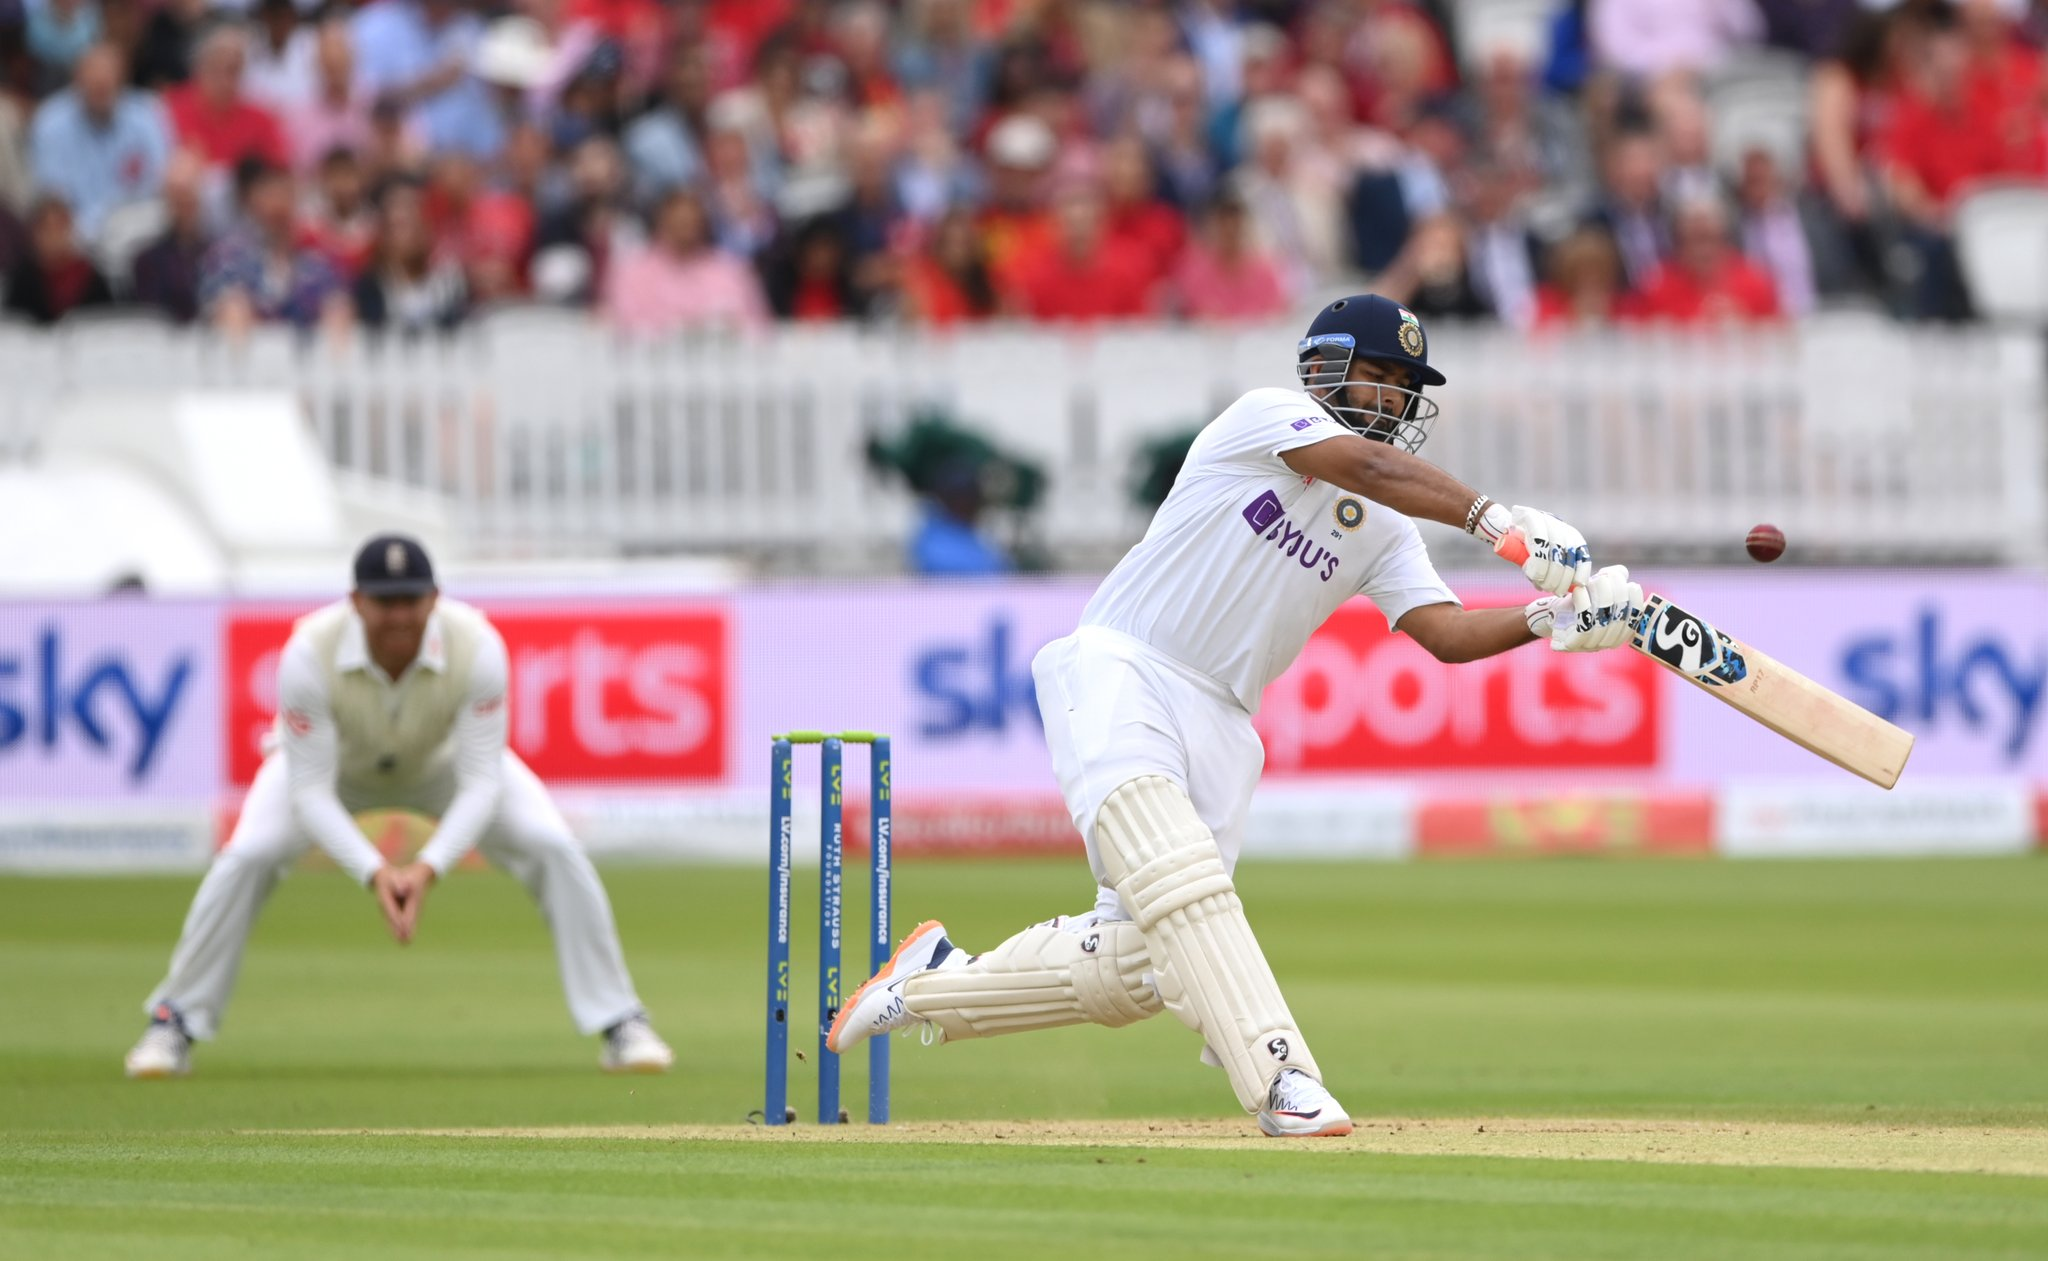 पंत ने विदेशी जमीन पर 1000 टेस्ट रन पूरे किए।